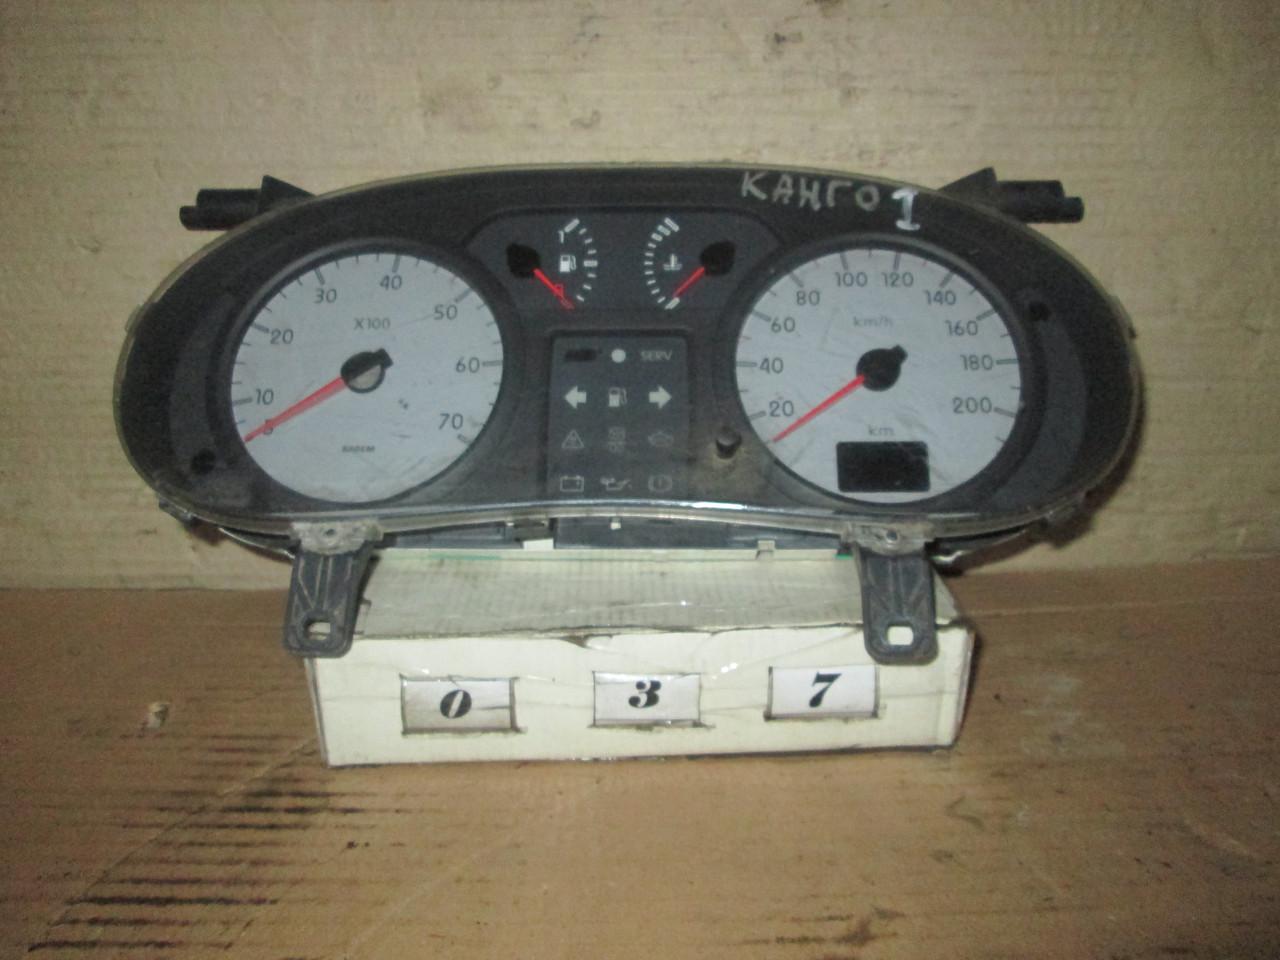 №37 Б/у Панель приладів/спідометр 8200176652 для Renault Kangoo I 1998-2008